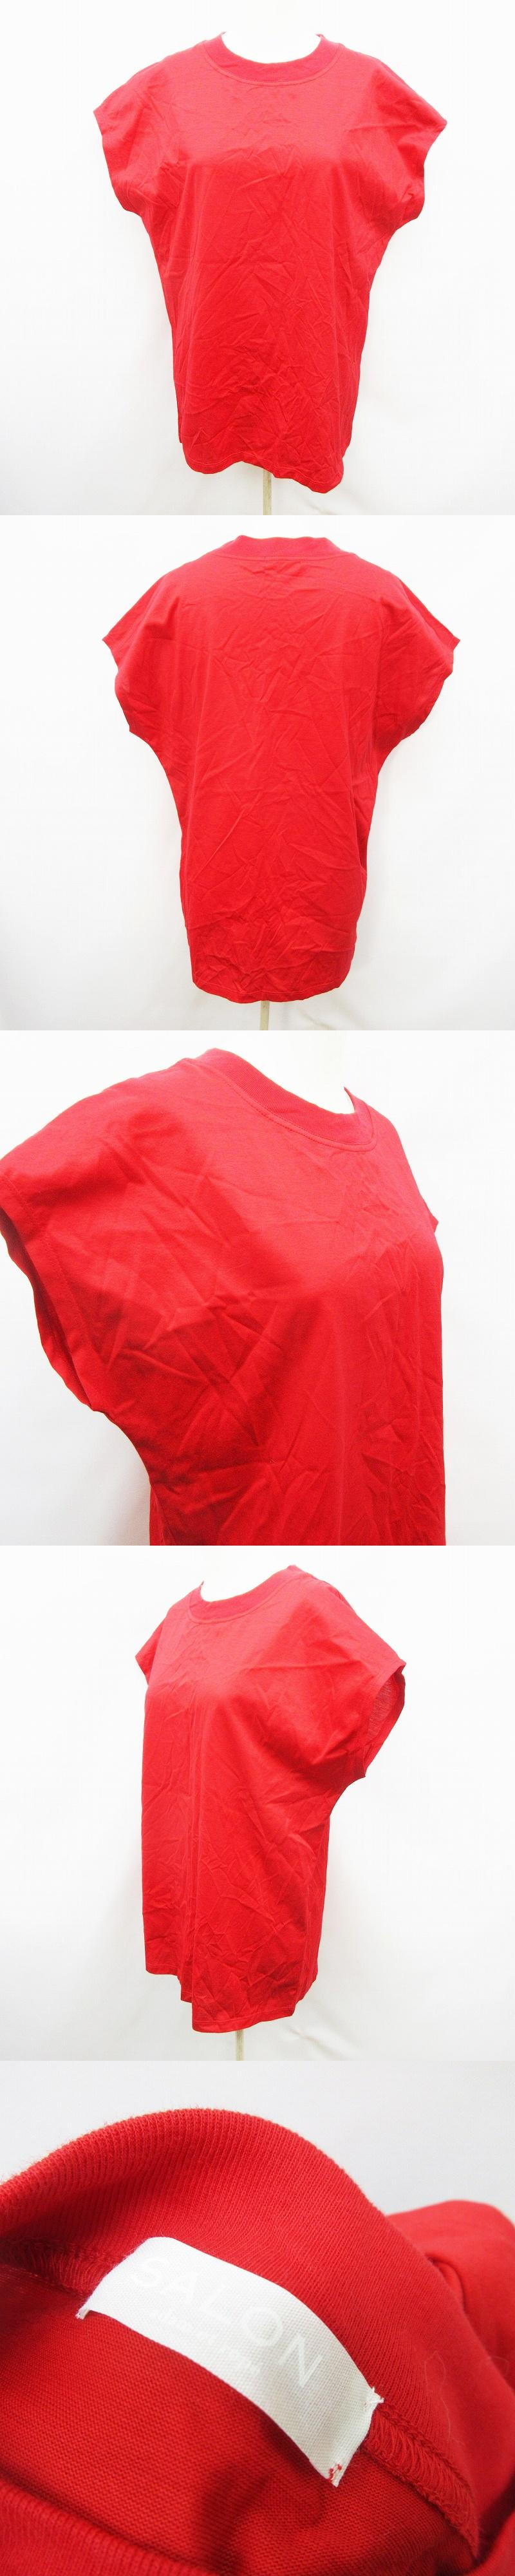 Tシャツ カットソー 半袖 フレンチスリーブ 丸首 クルーネック 無地 オーバーサイズ 綿 コットン 100% F (L相当) 赤 レッド系 ●27